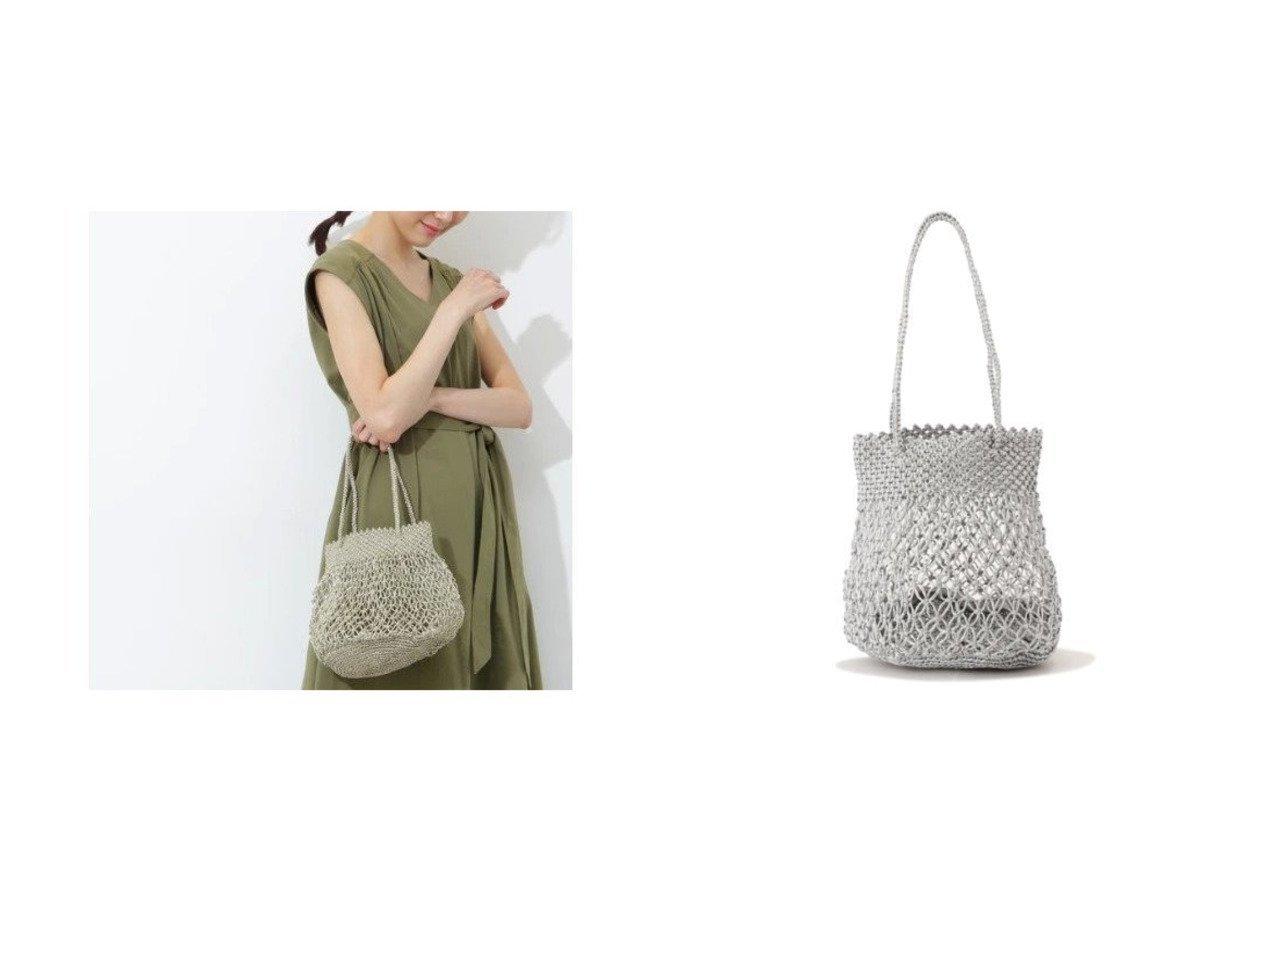 【NATURAL BEAUTY BASIC/ナチュラル ビューティー ベーシック】のマクラメメタリックトート 【バッグ・鞄】おすすめ!人気、トレンド・レディースファッションの通販 おすすめで人気の流行・トレンド、ファッションの通販商品 メンズファッション・キッズファッション・インテリア・家具・レディースファッション・服の通販 founy(ファニー) https://founy.com/ ファッション Fashion レディースファッション WOMEN バッグ Bag シルバー |ID:crp329100000039895